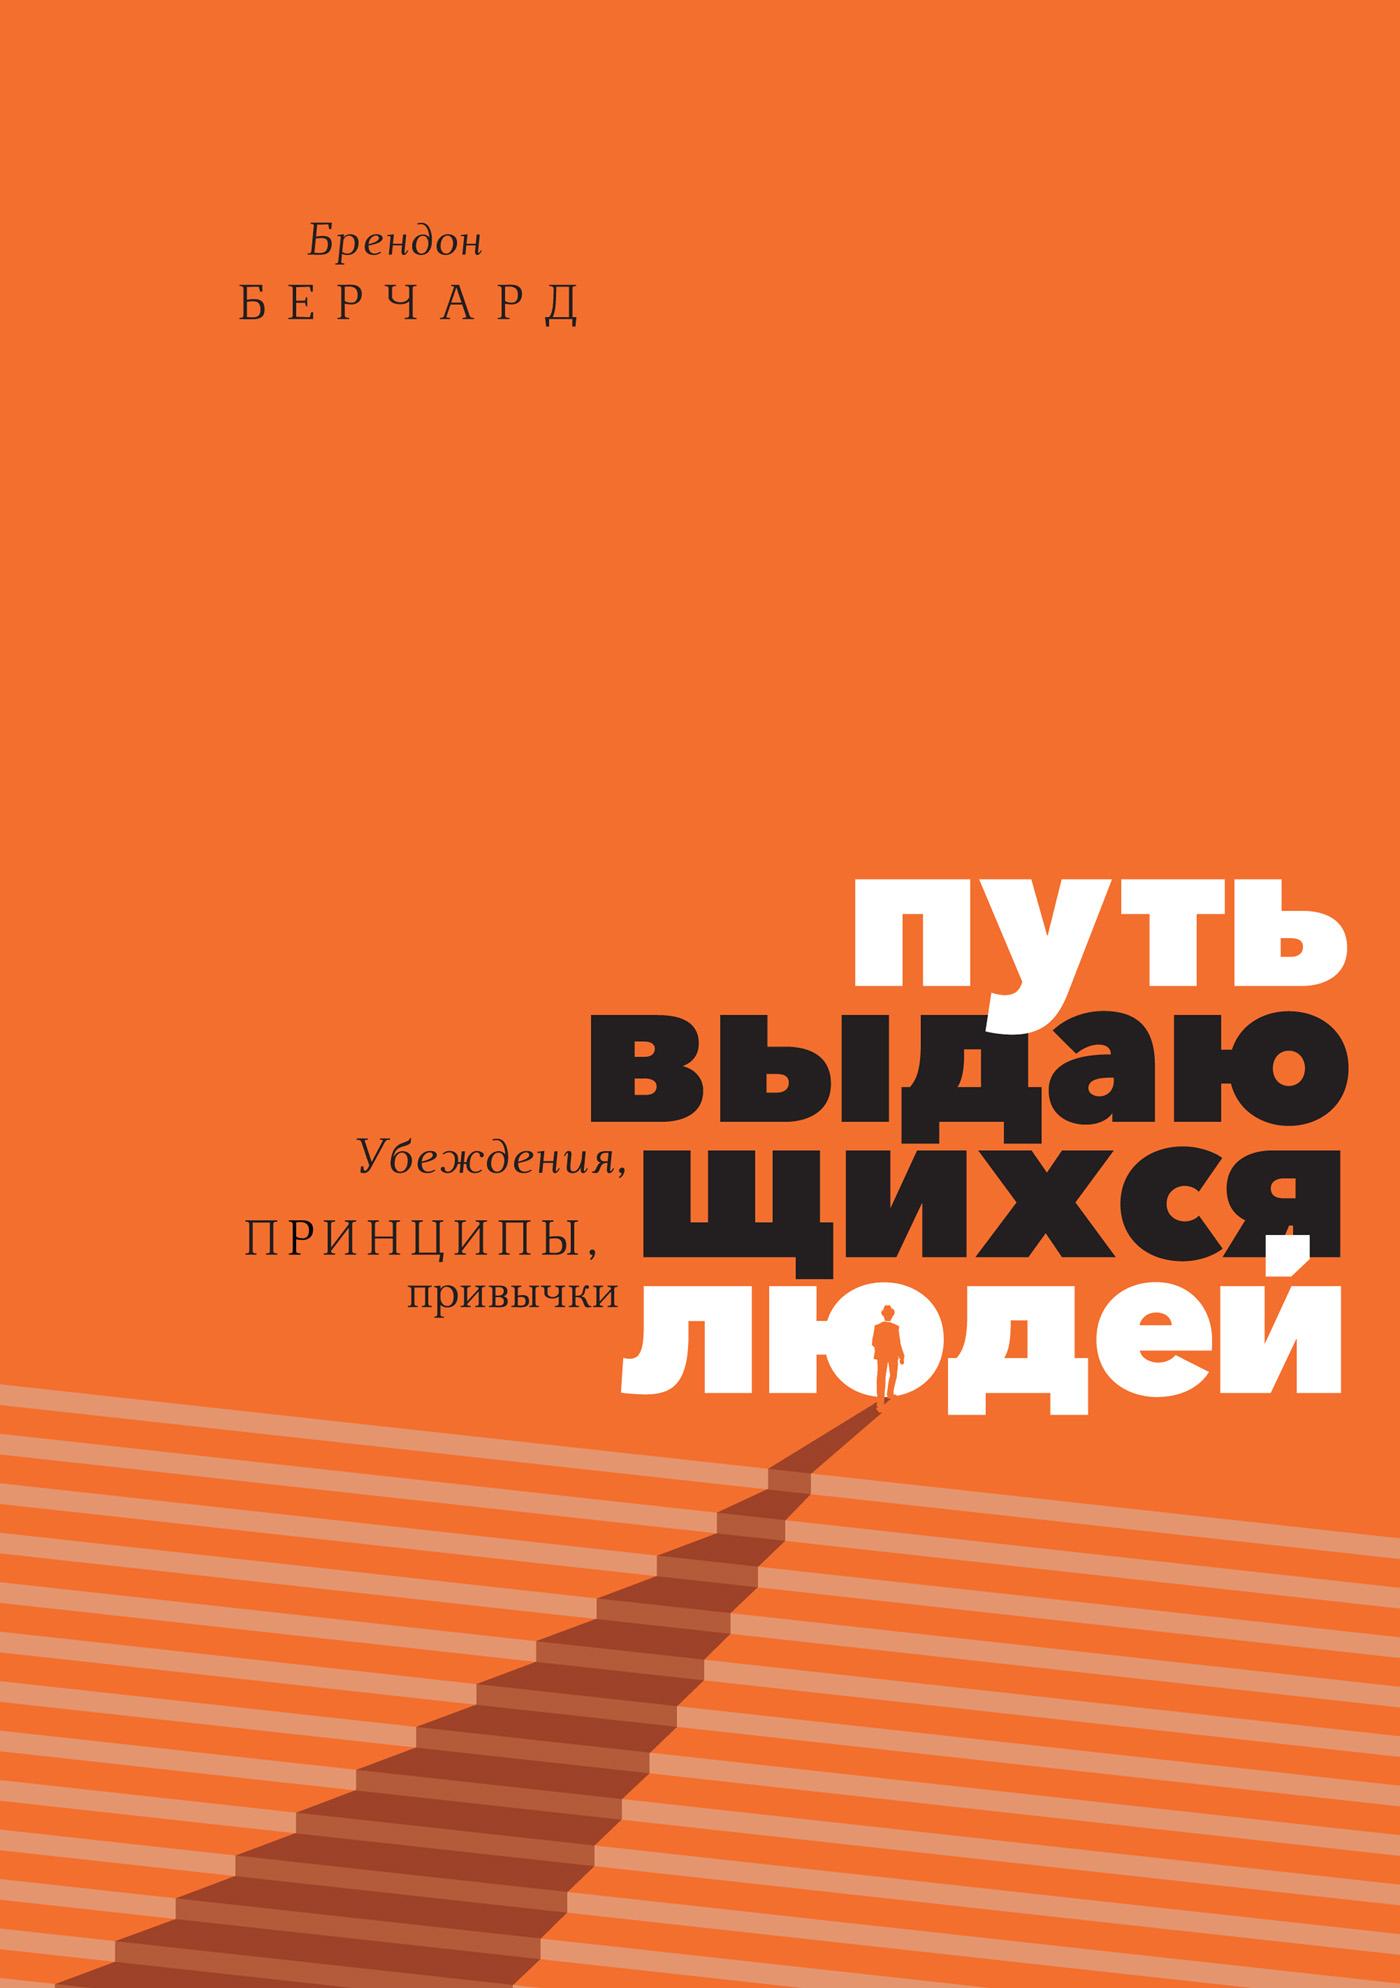 Обложка книги Путь выдающихся людей. Убеждения, принципы, привычки